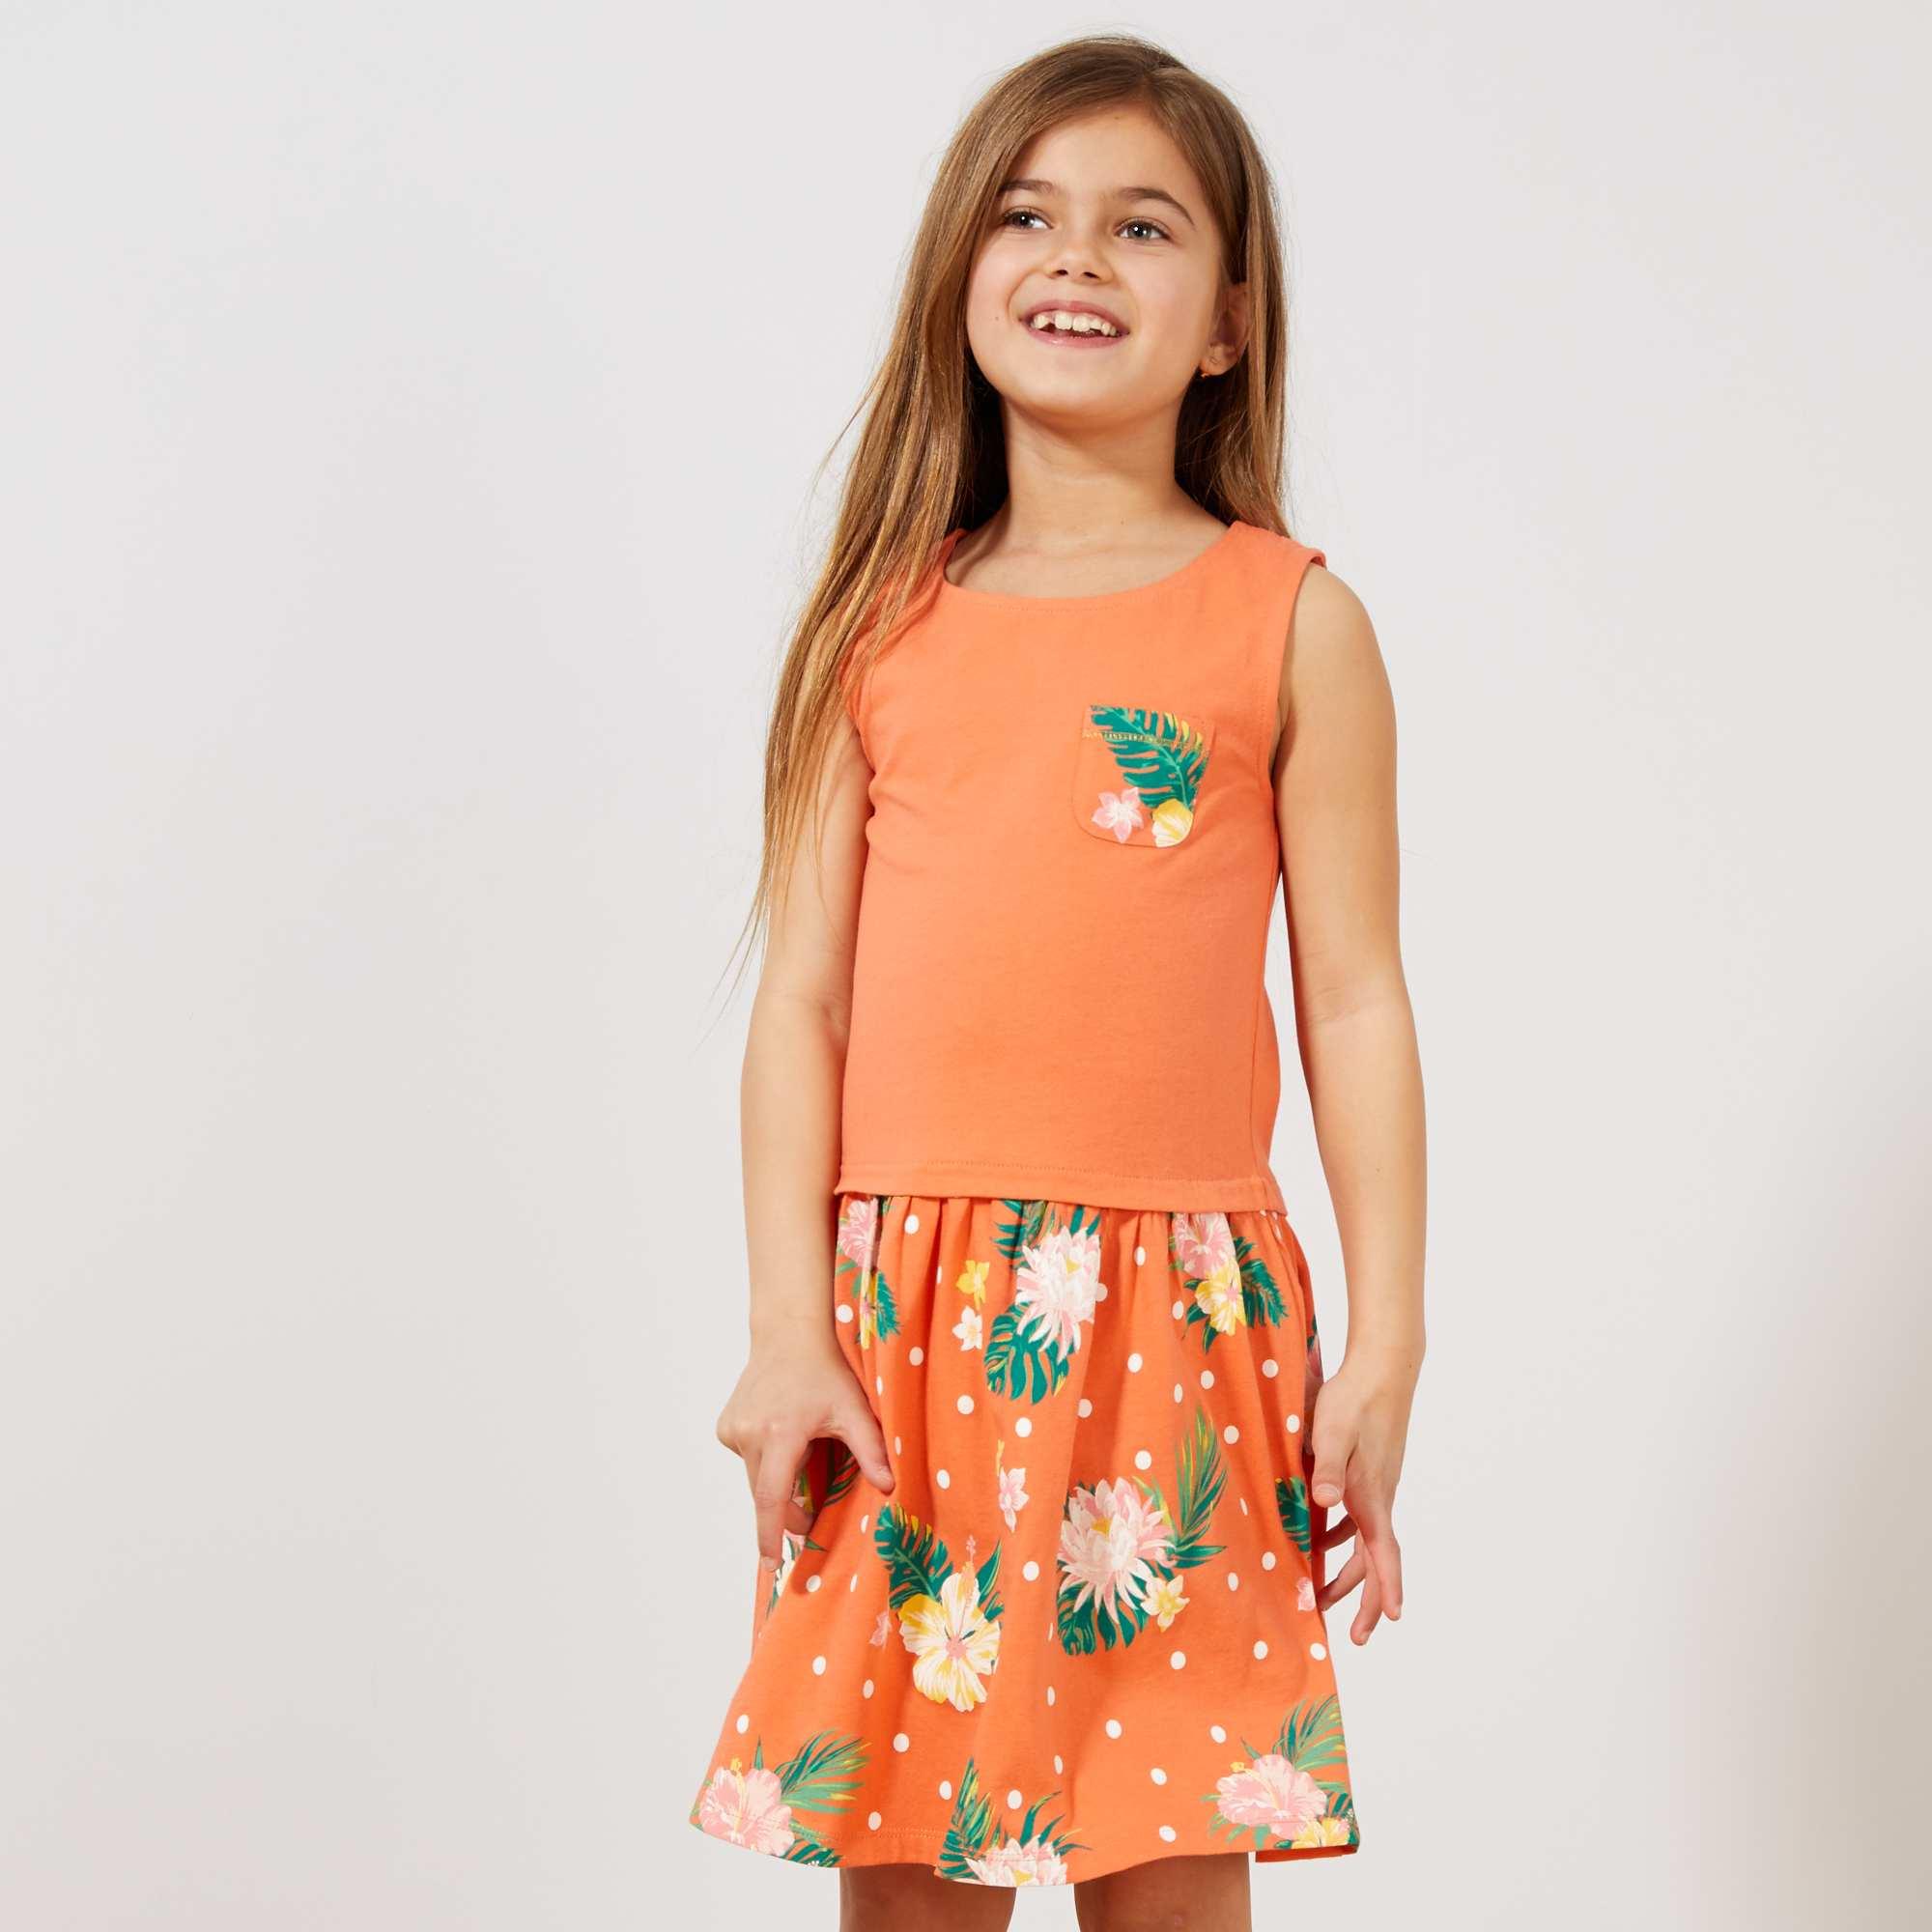 5bafc45a9 Vestido estampado em algodão biológico Menina 3-12 anos - Laranja ...